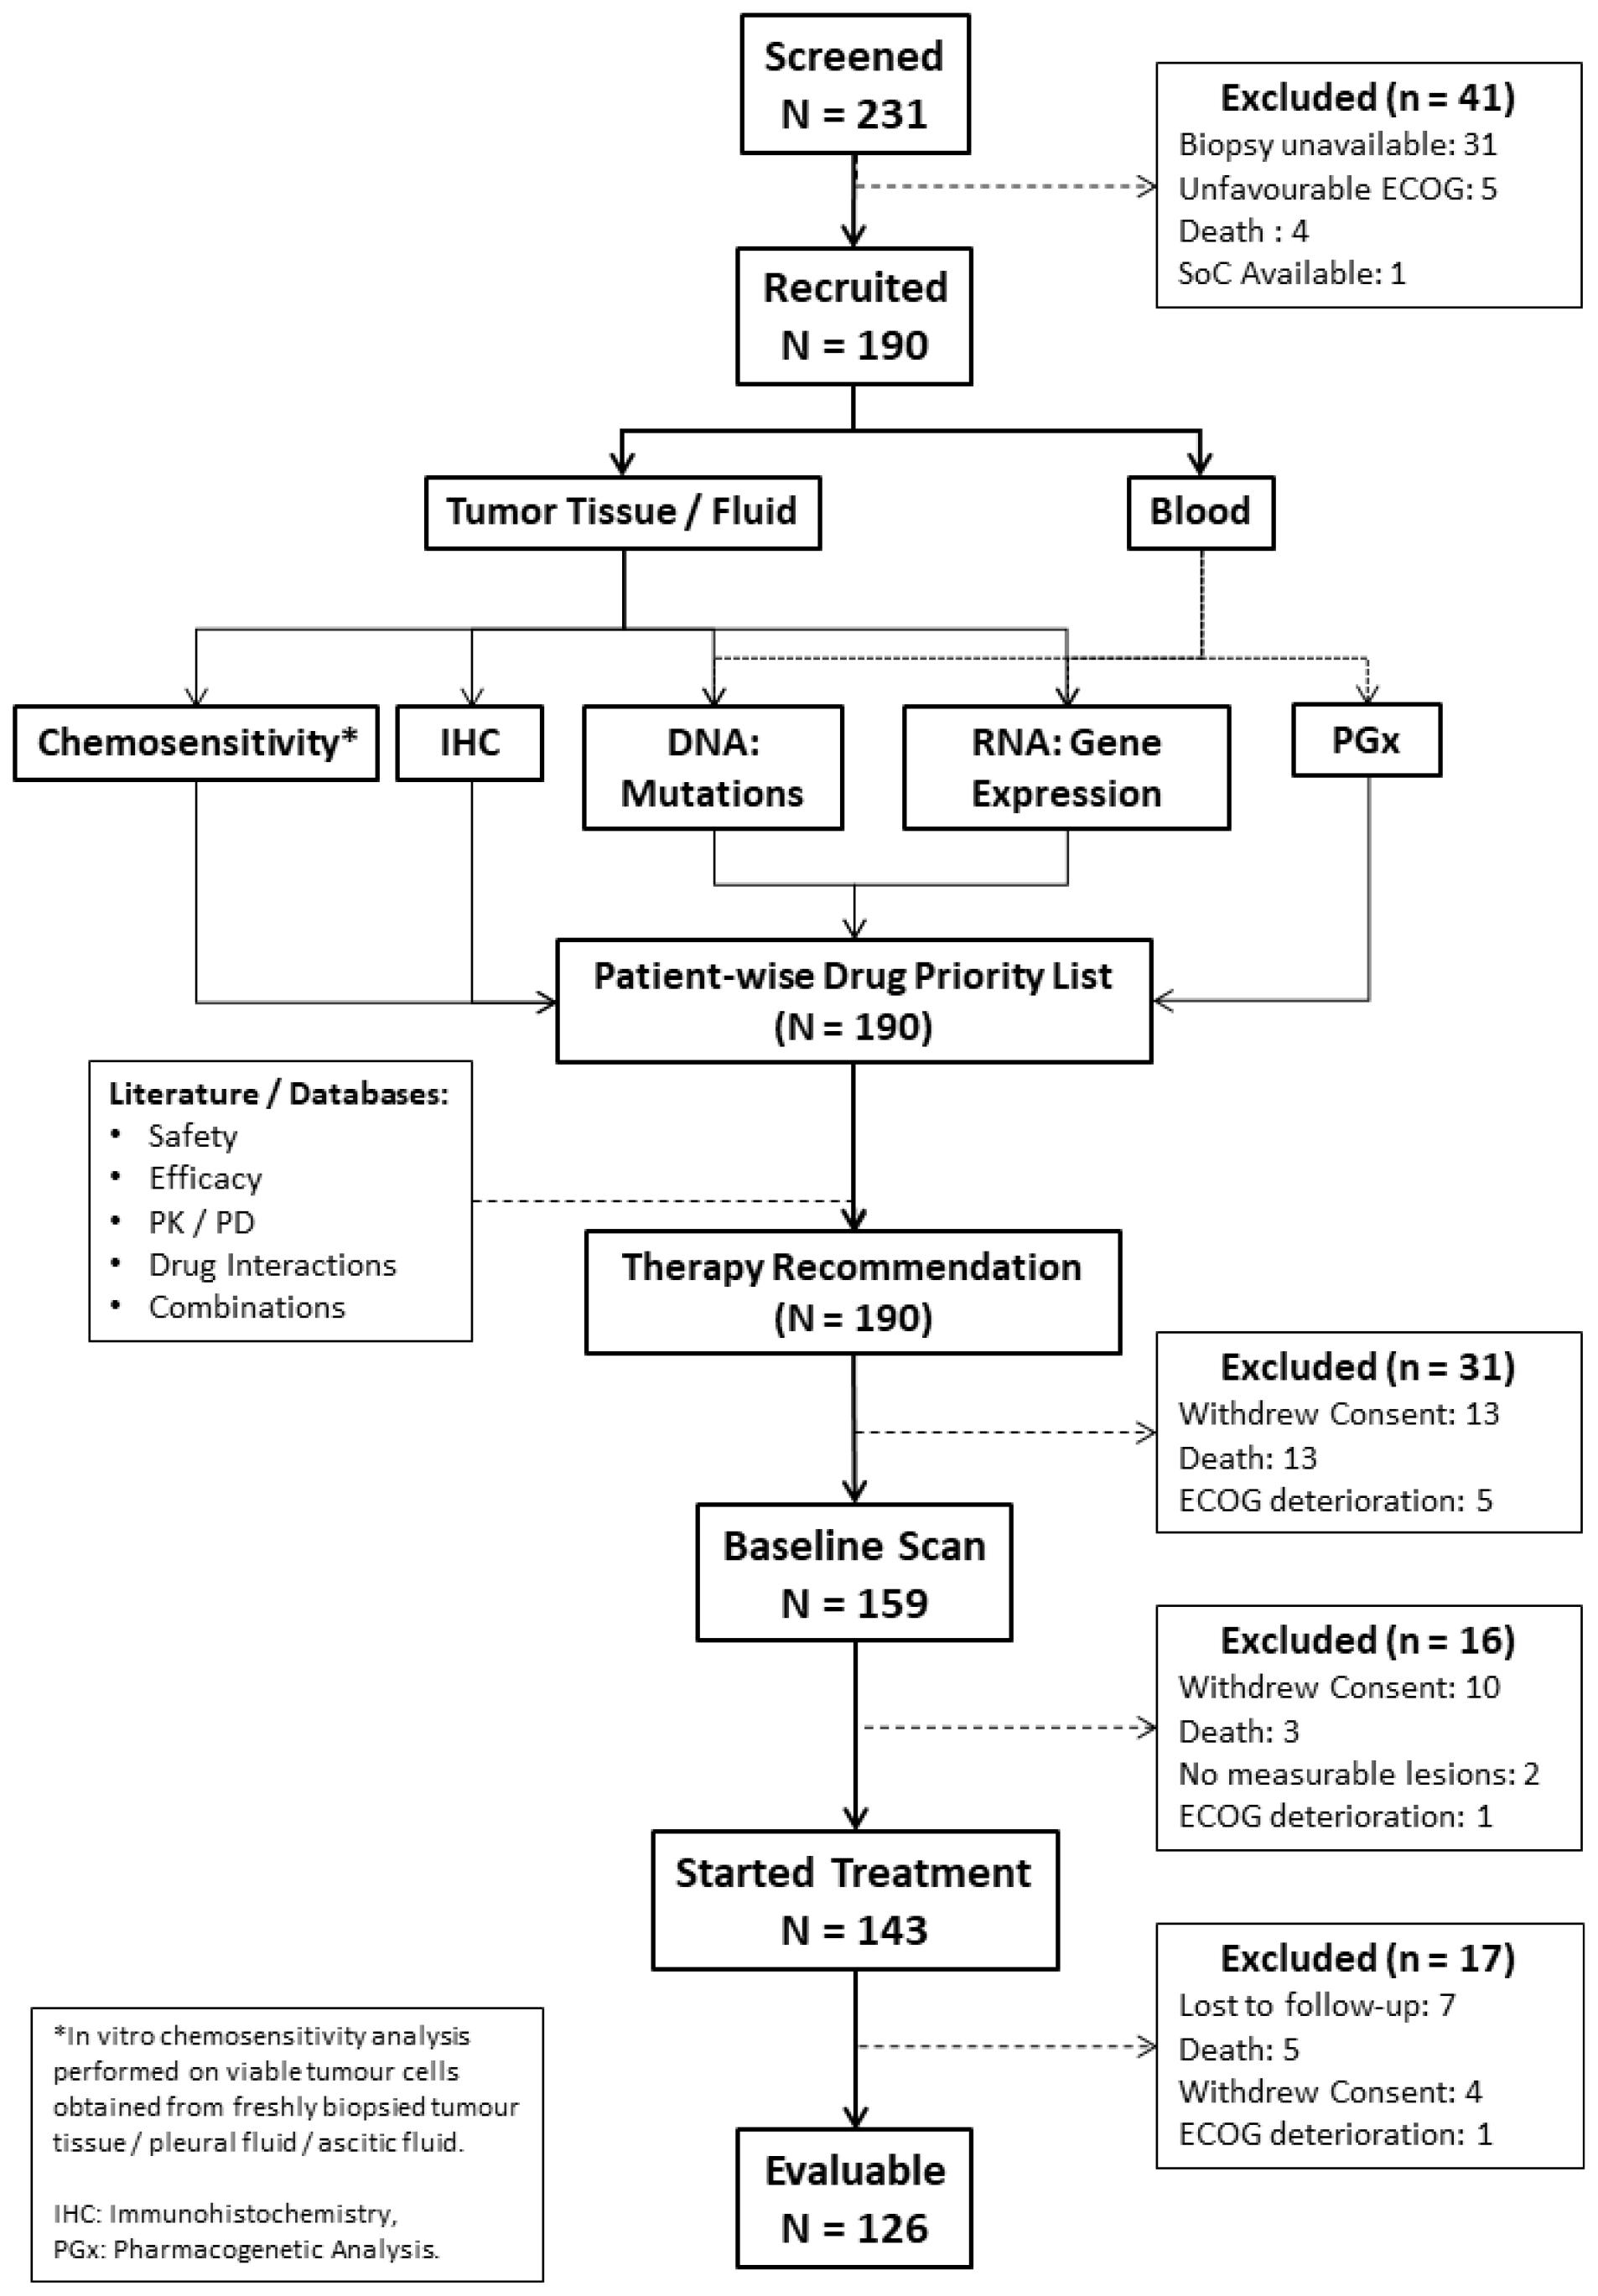 CONSORT diagram.